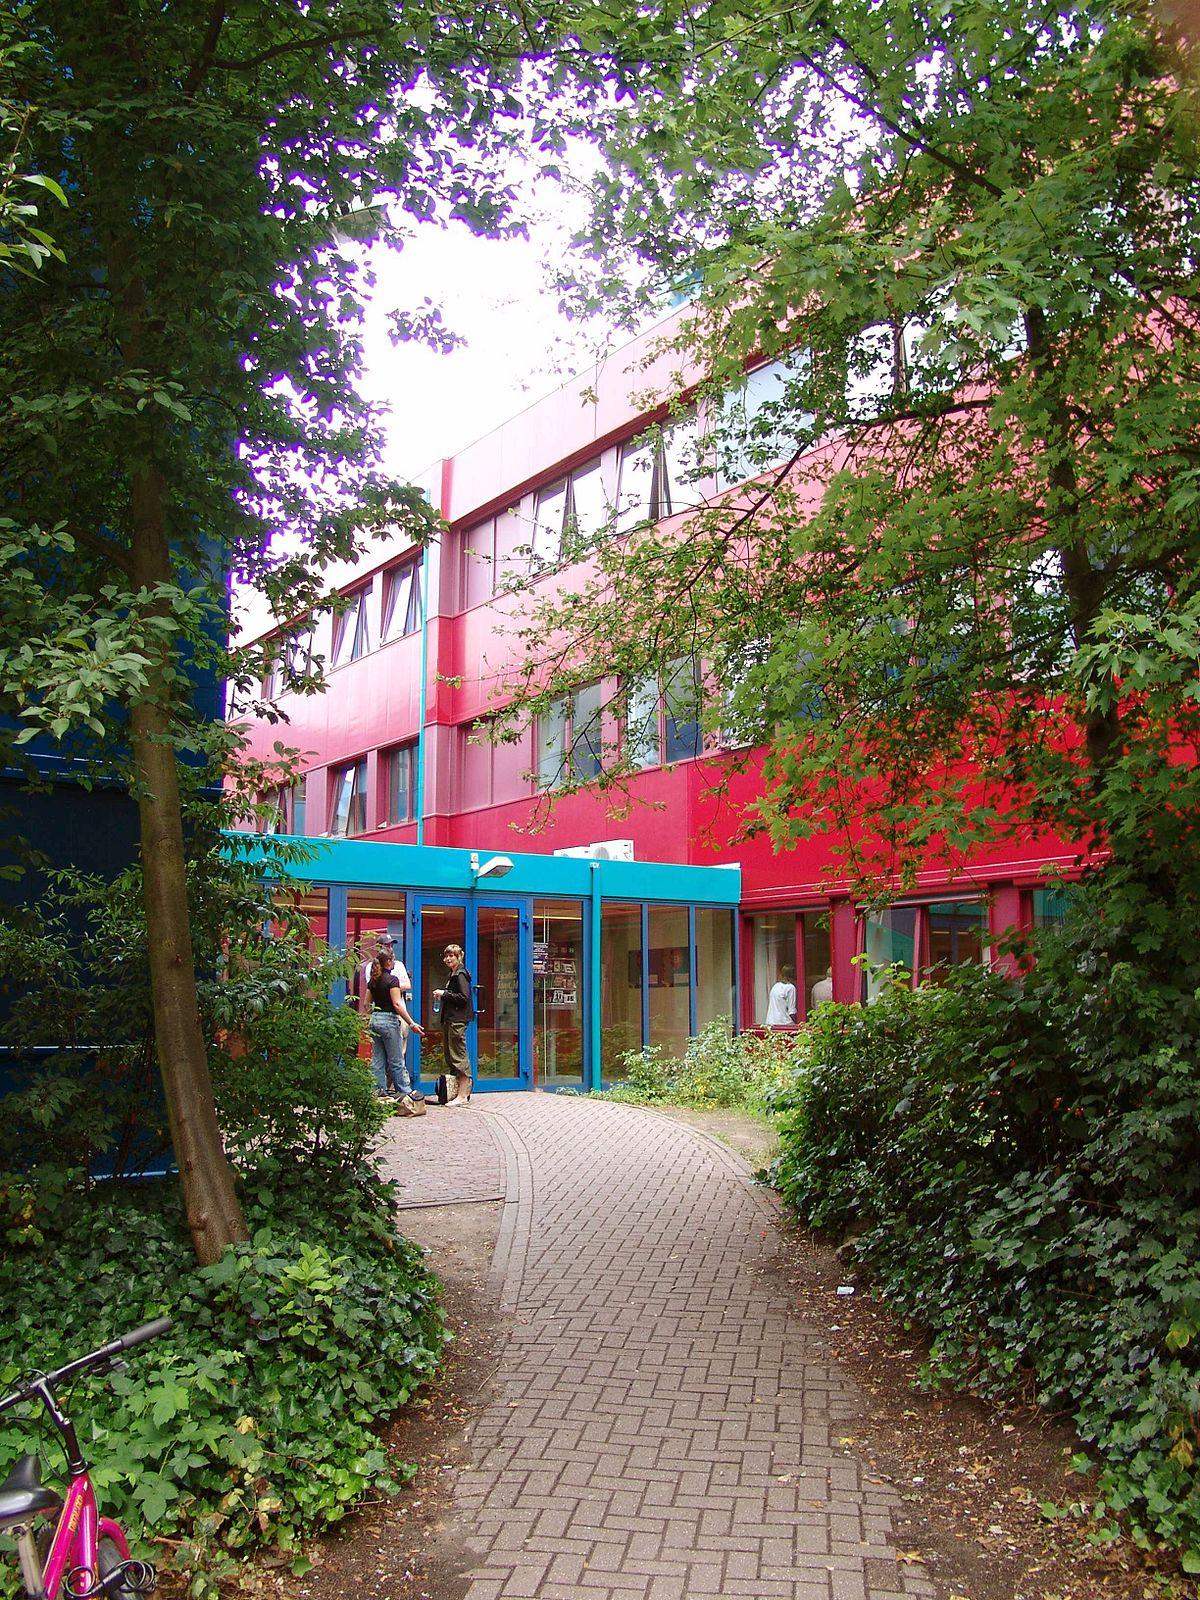 Utrecht School Of The Arts